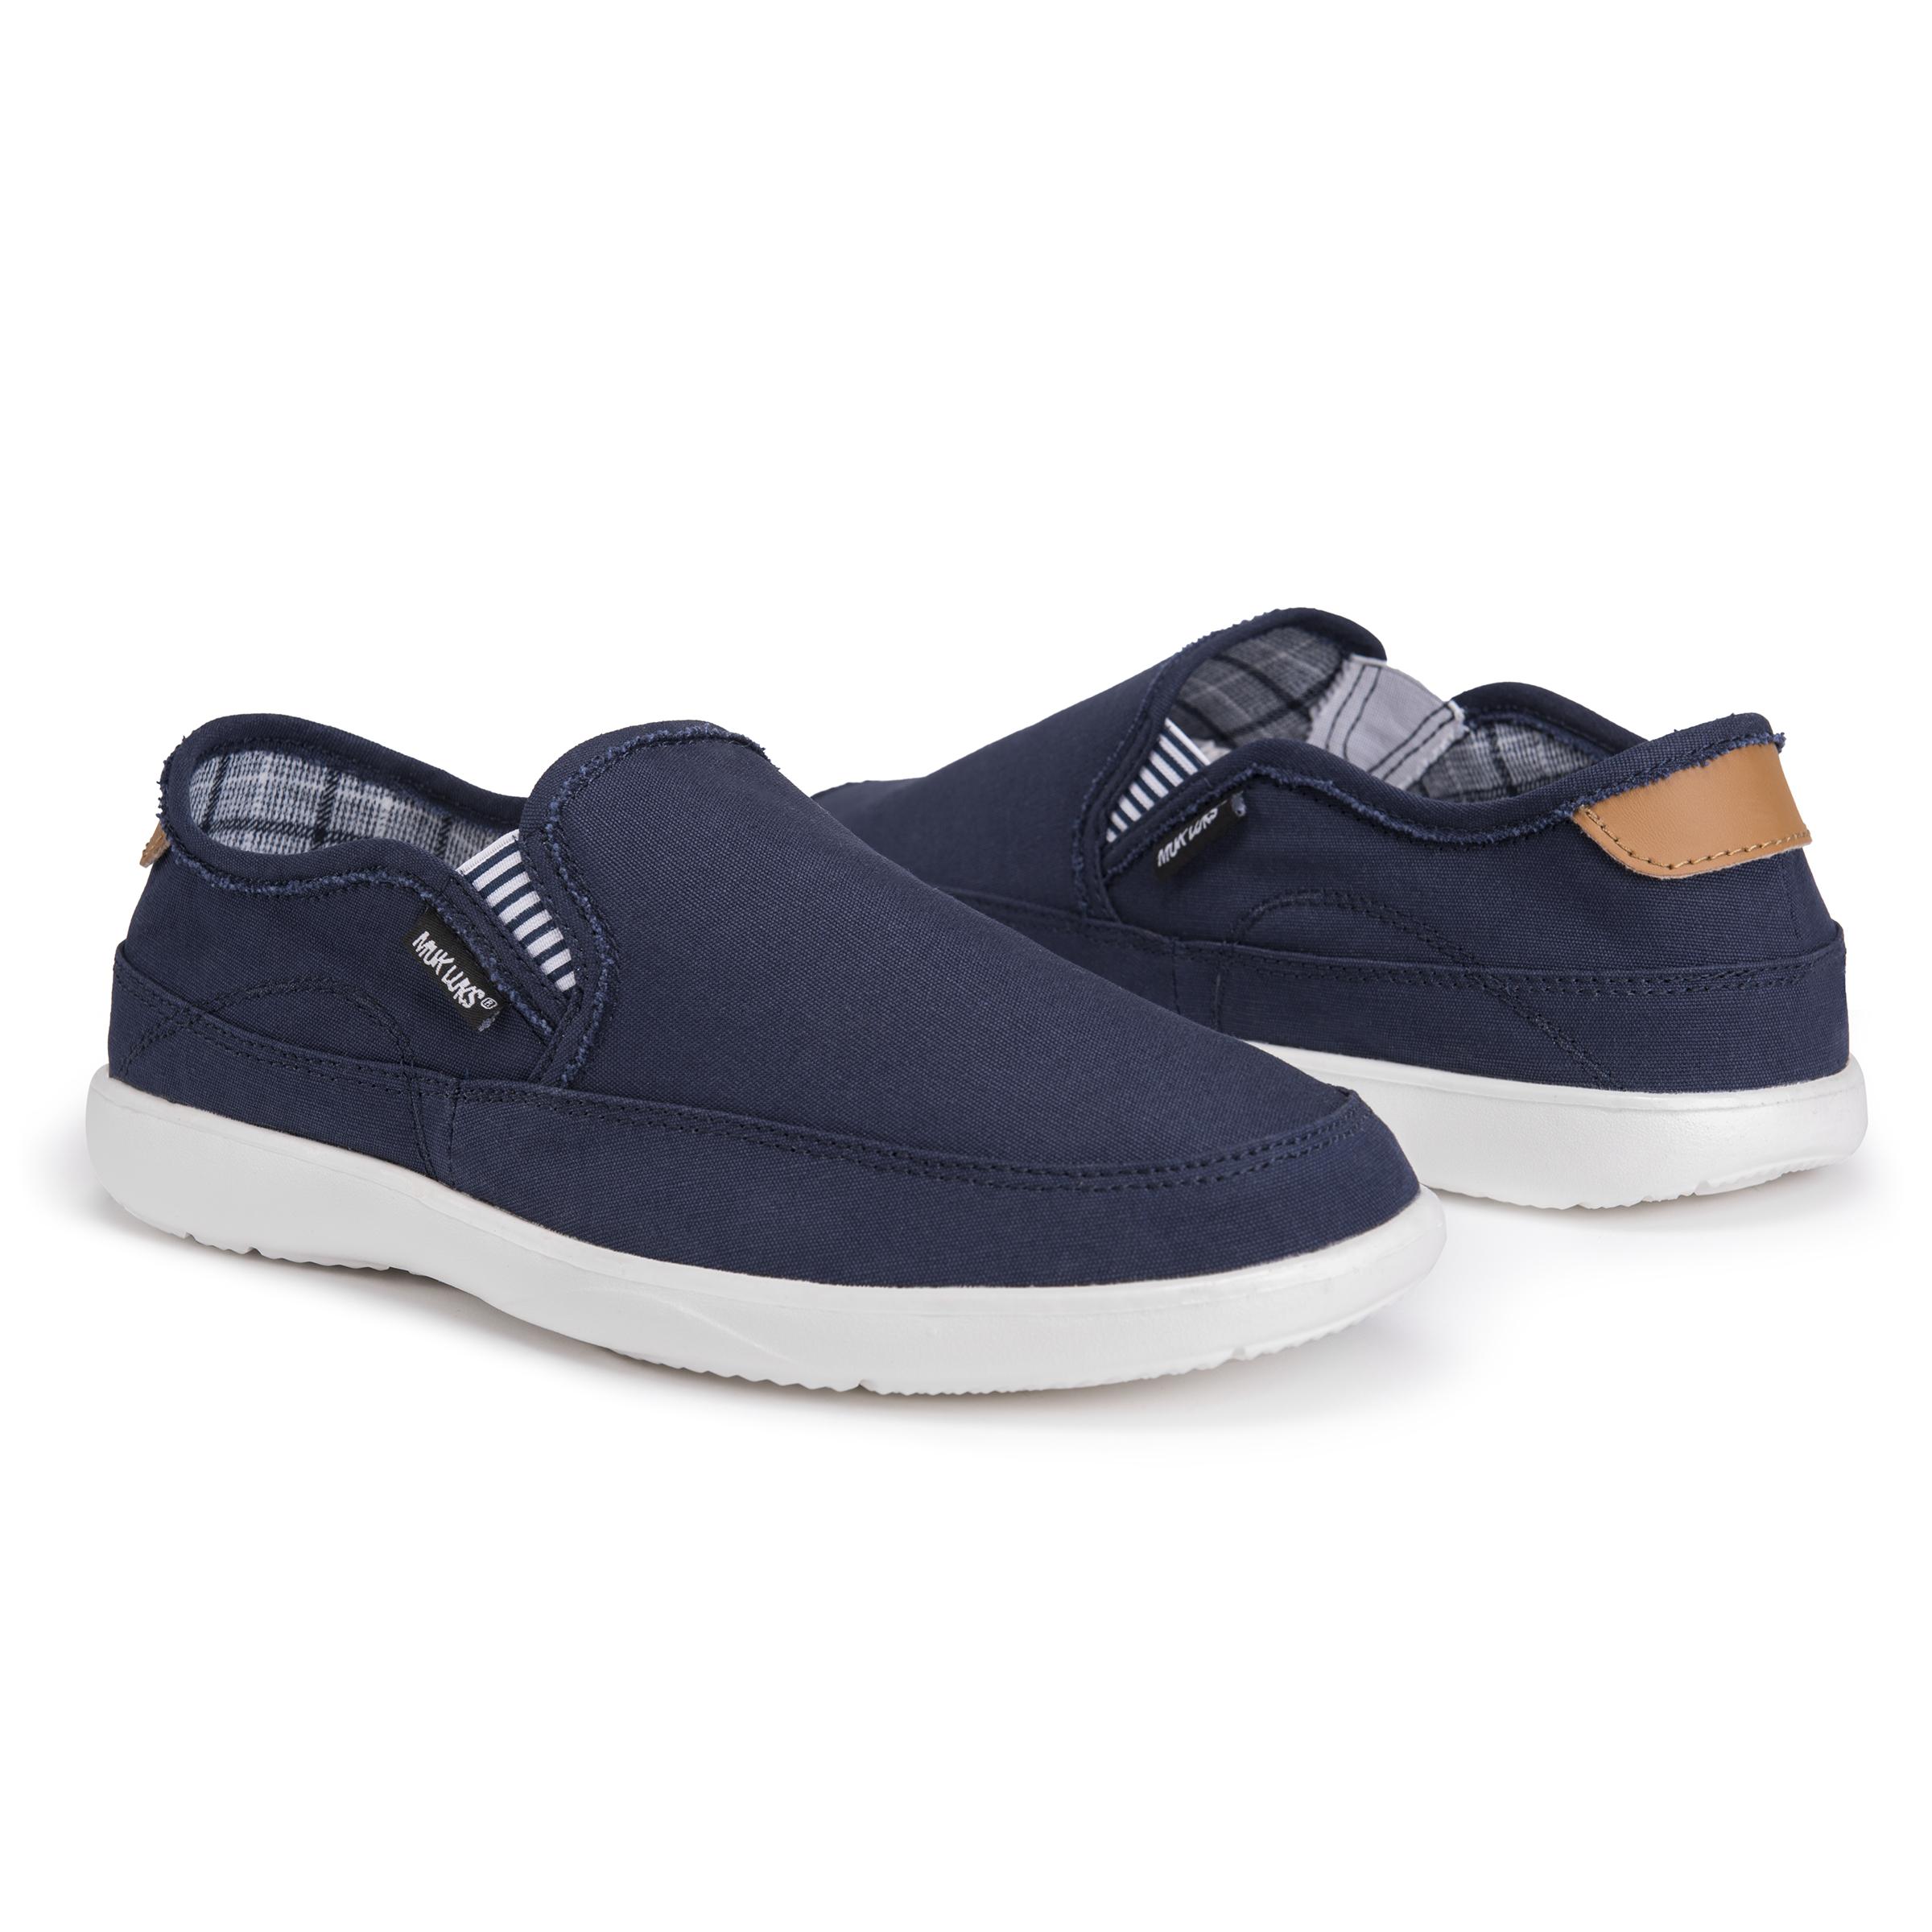 Muk Luk Shoes For Men